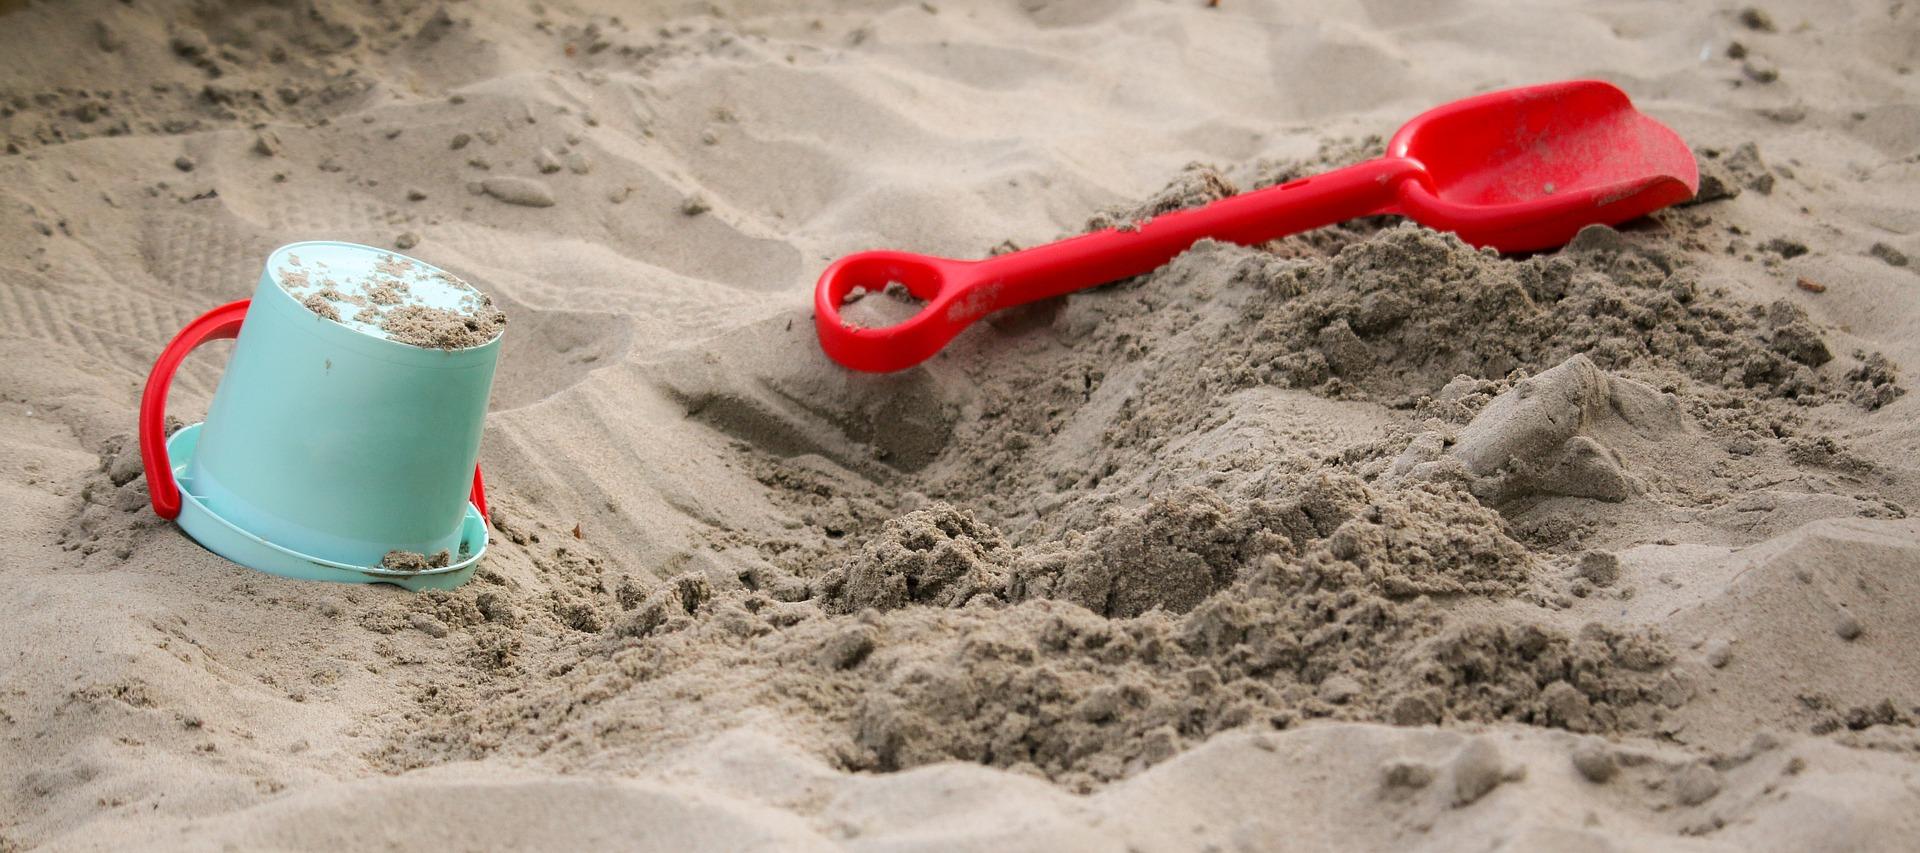 sandbox-1583289_1920.jpg